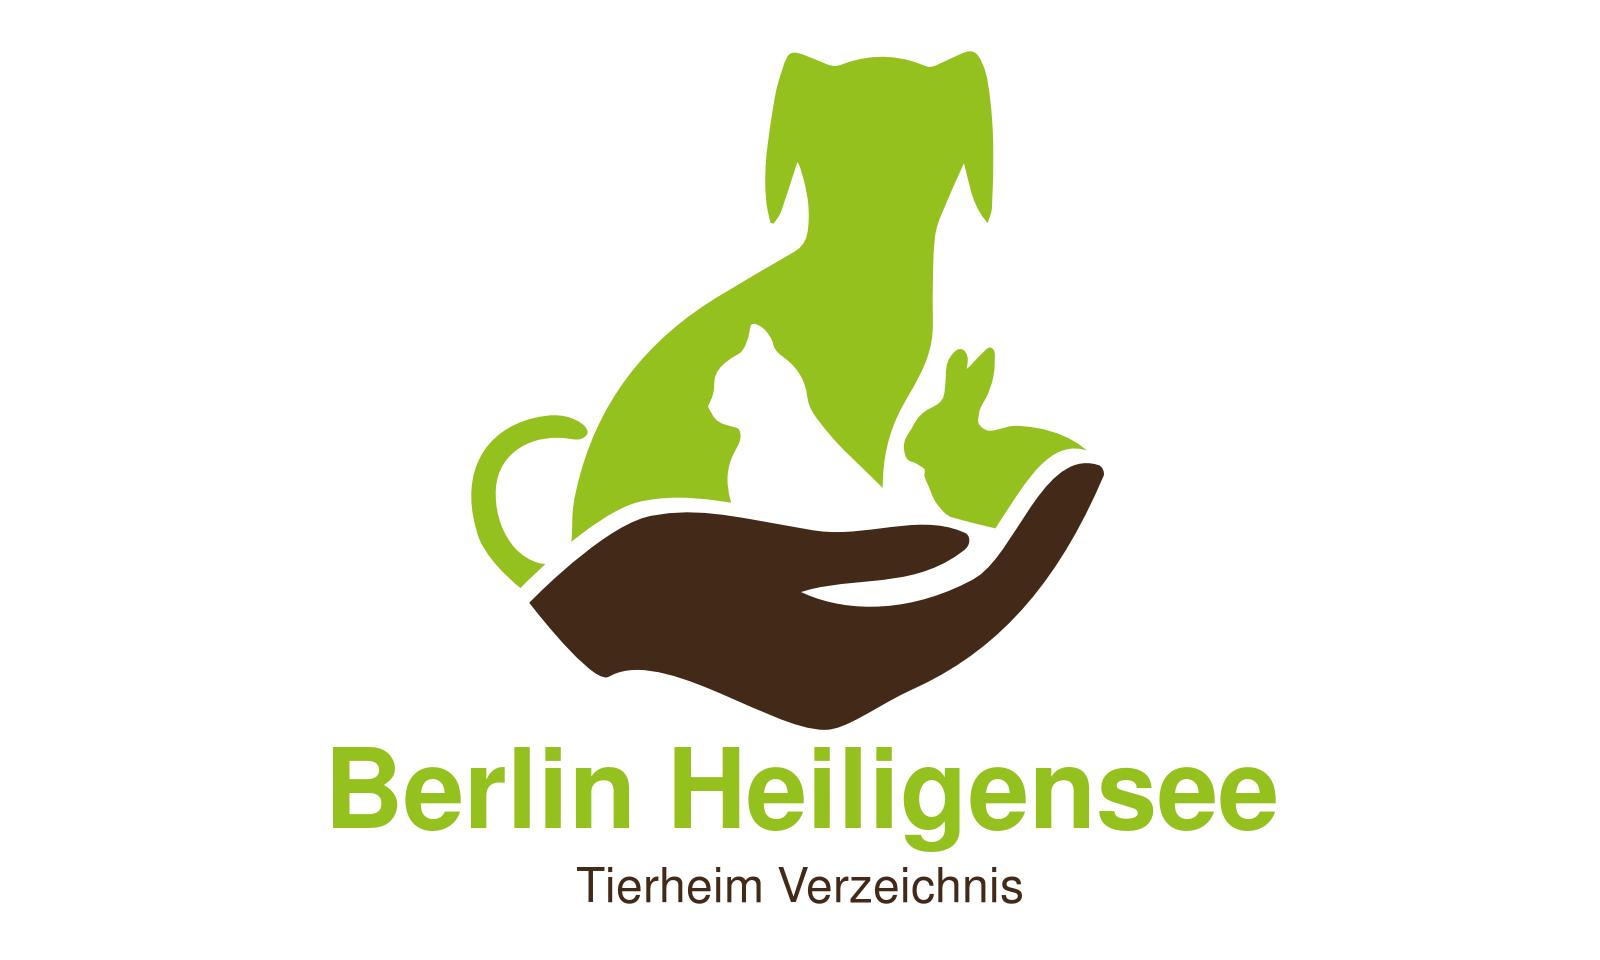 Tierheim Berlin Heiligensee